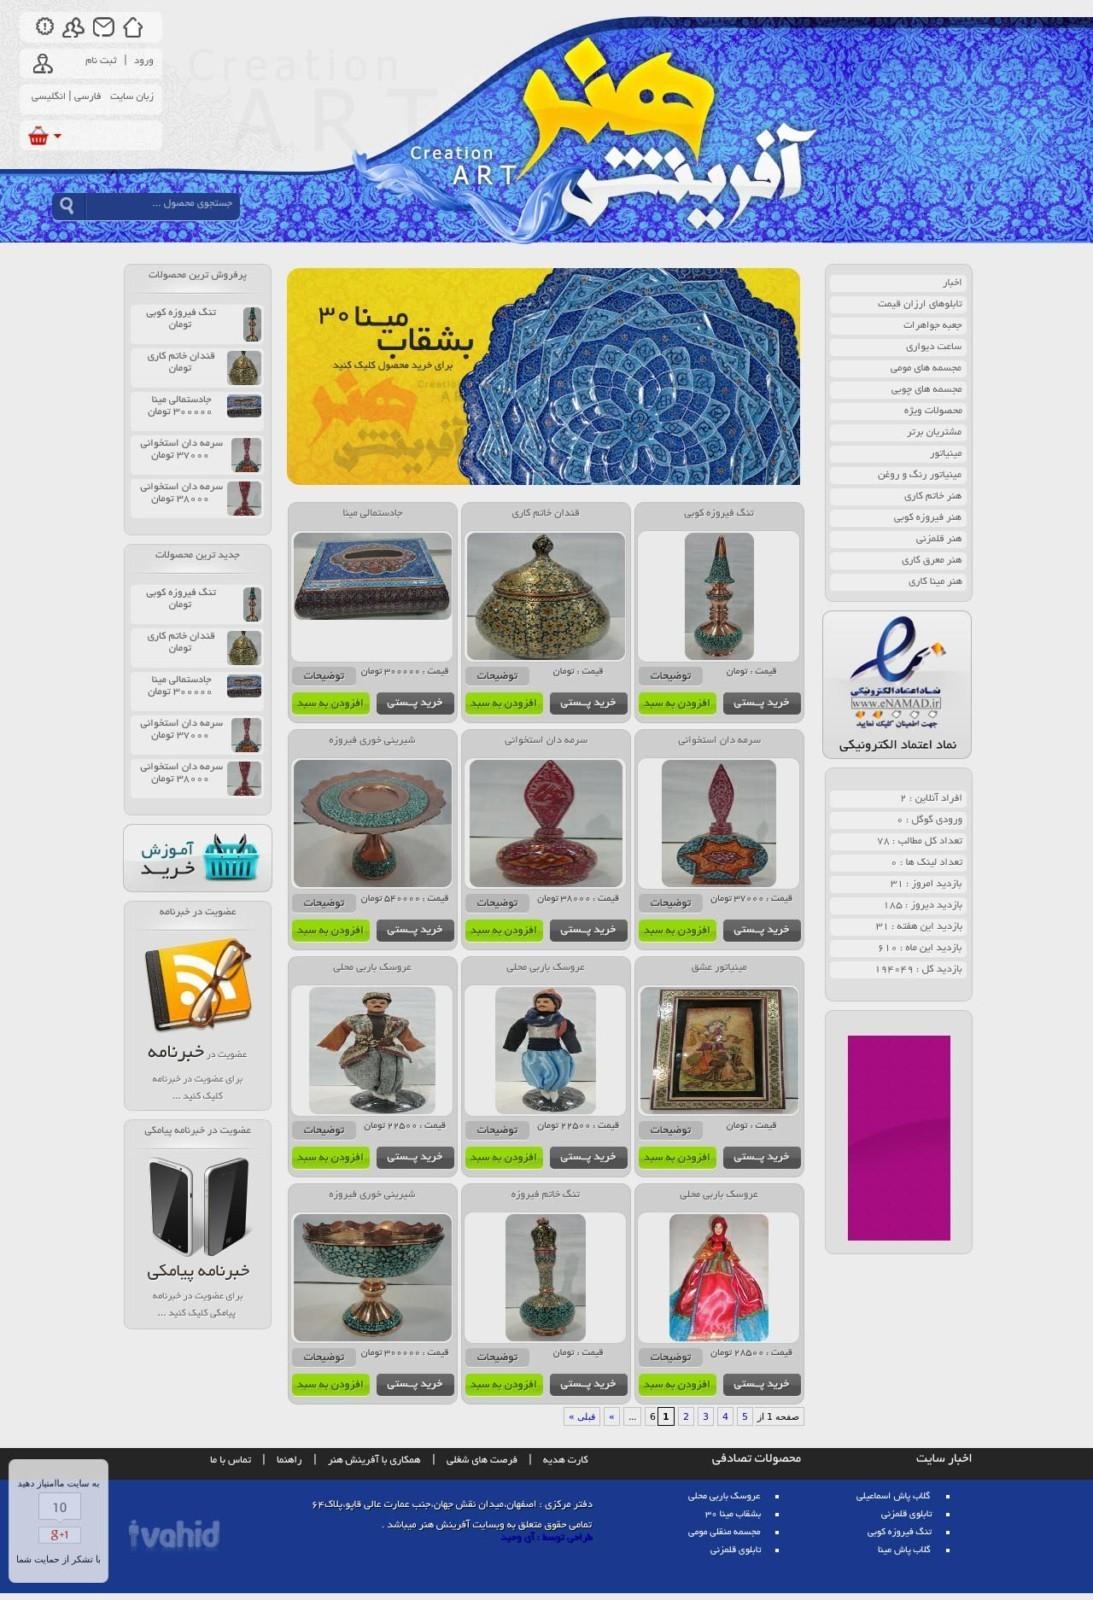 طراحی سایت آفرینش هنر